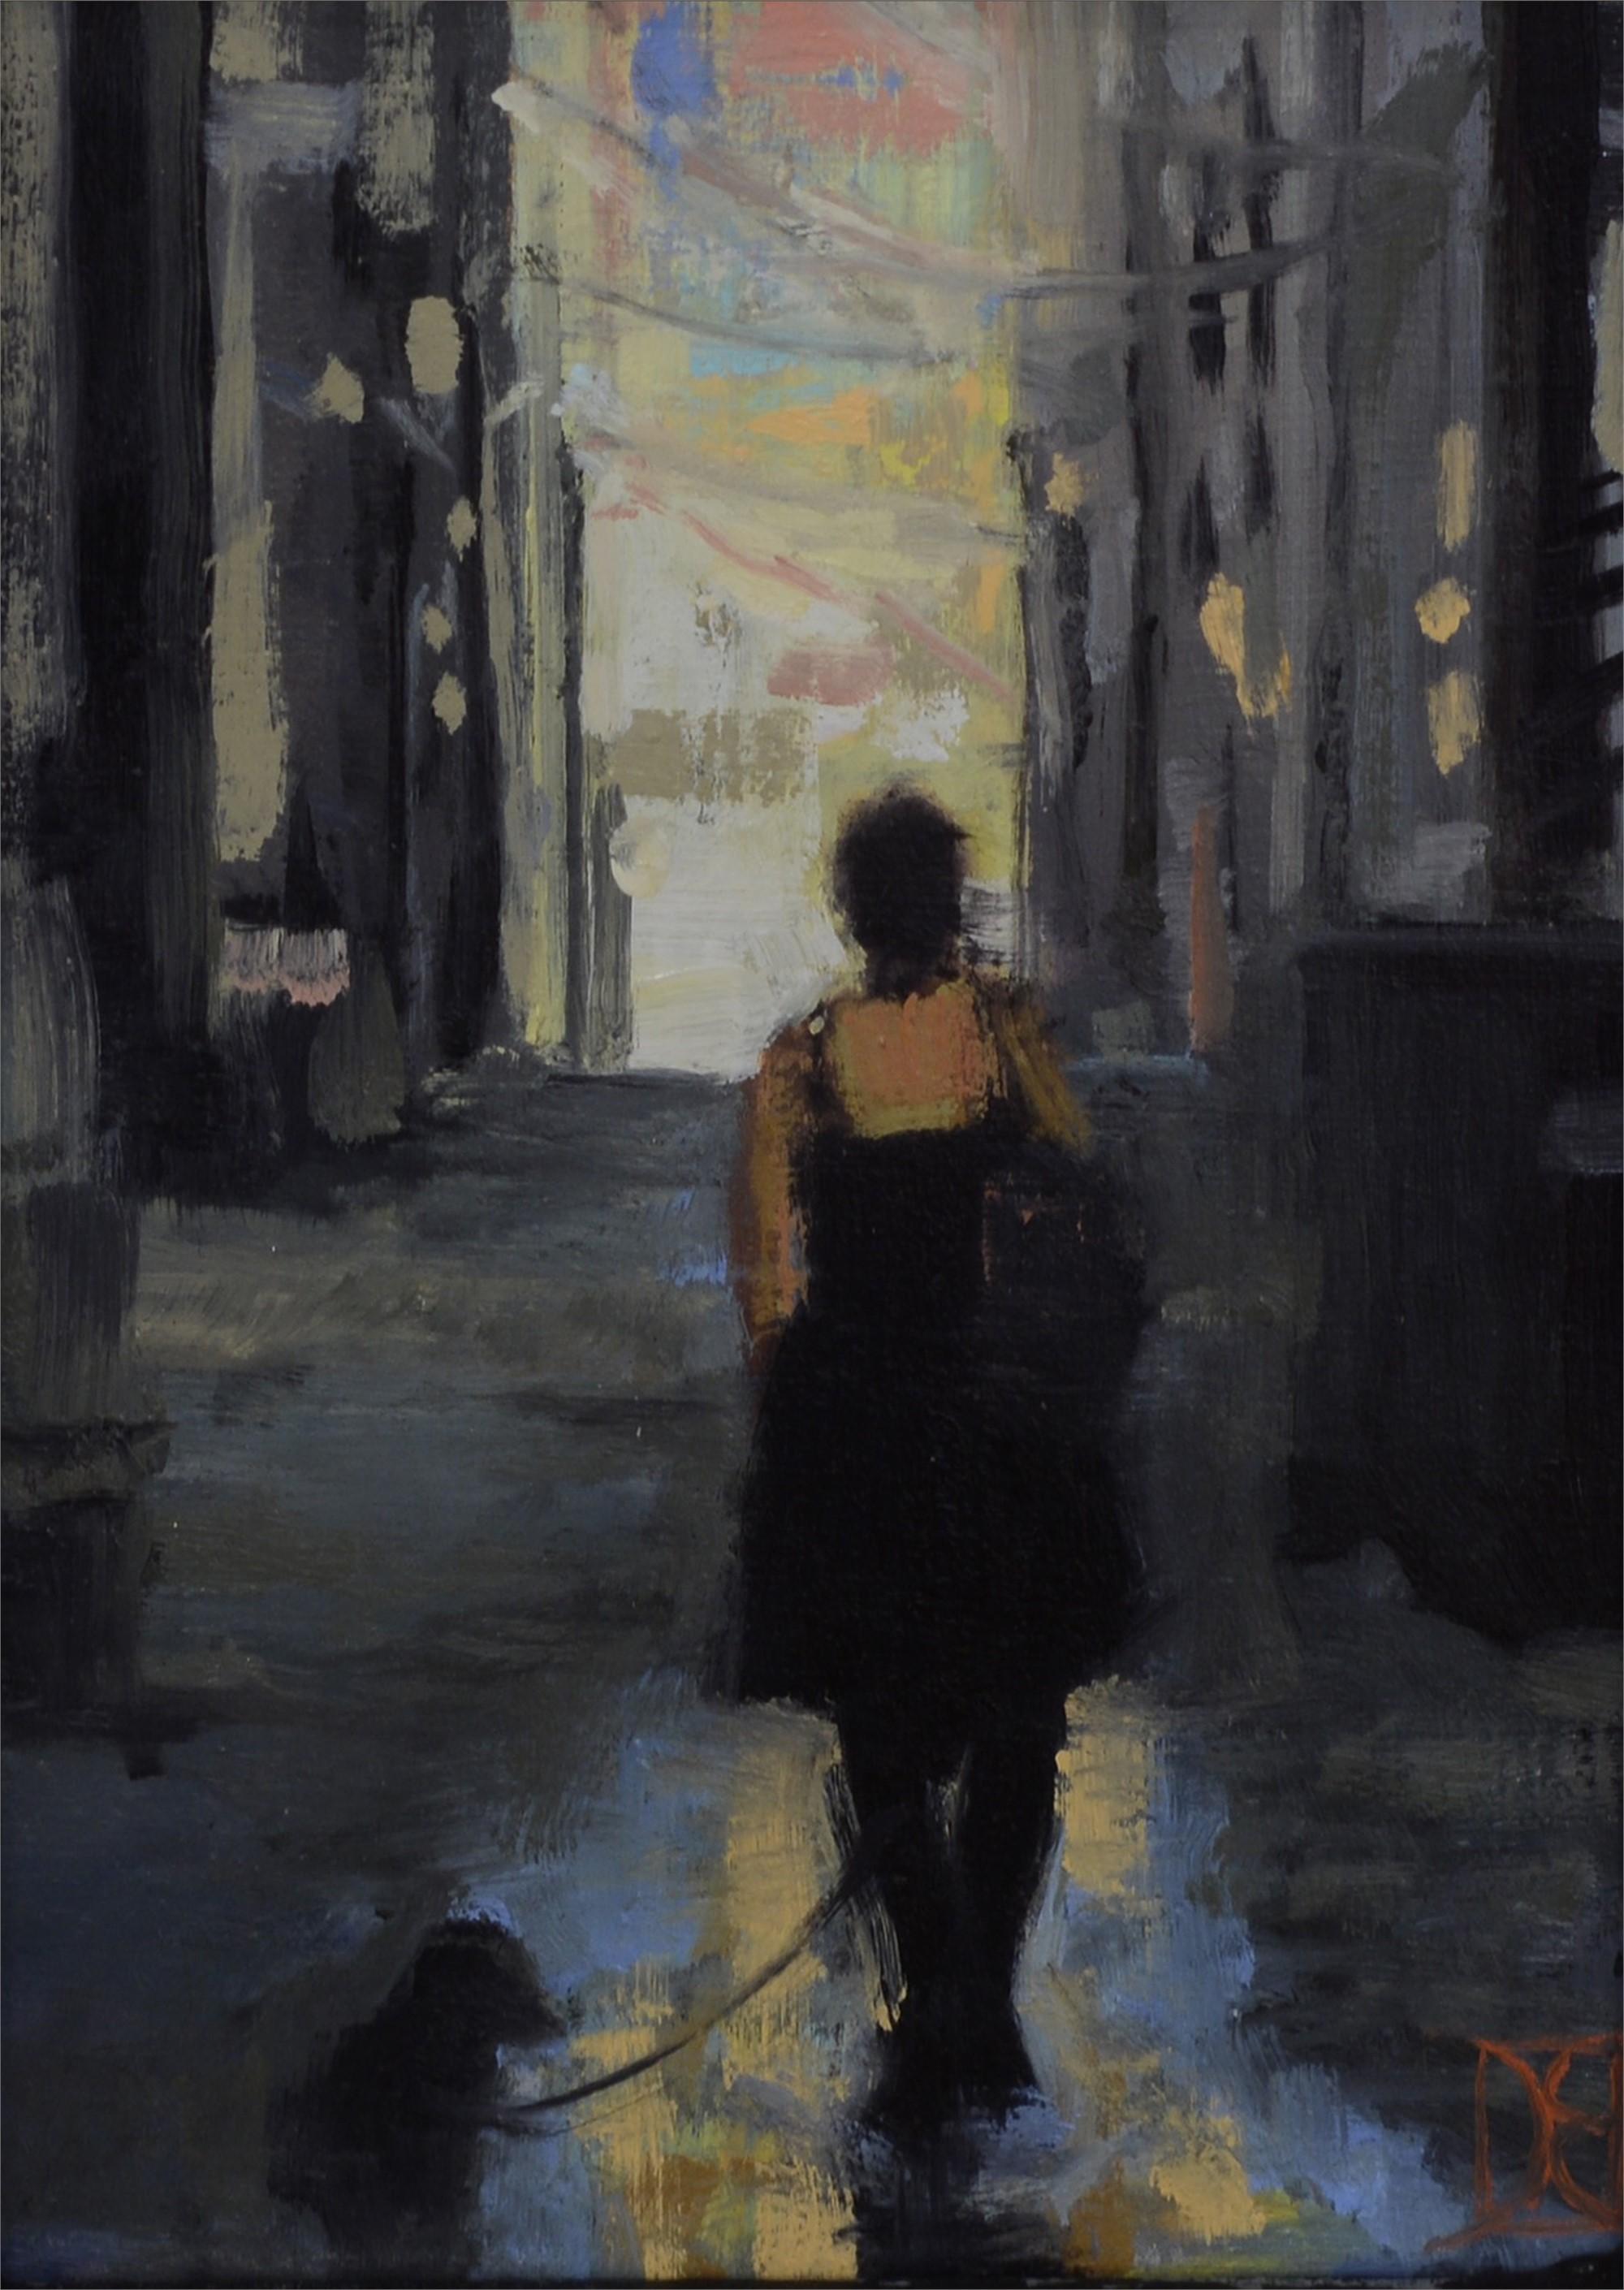 Jen in Alley by Destiny Bowman